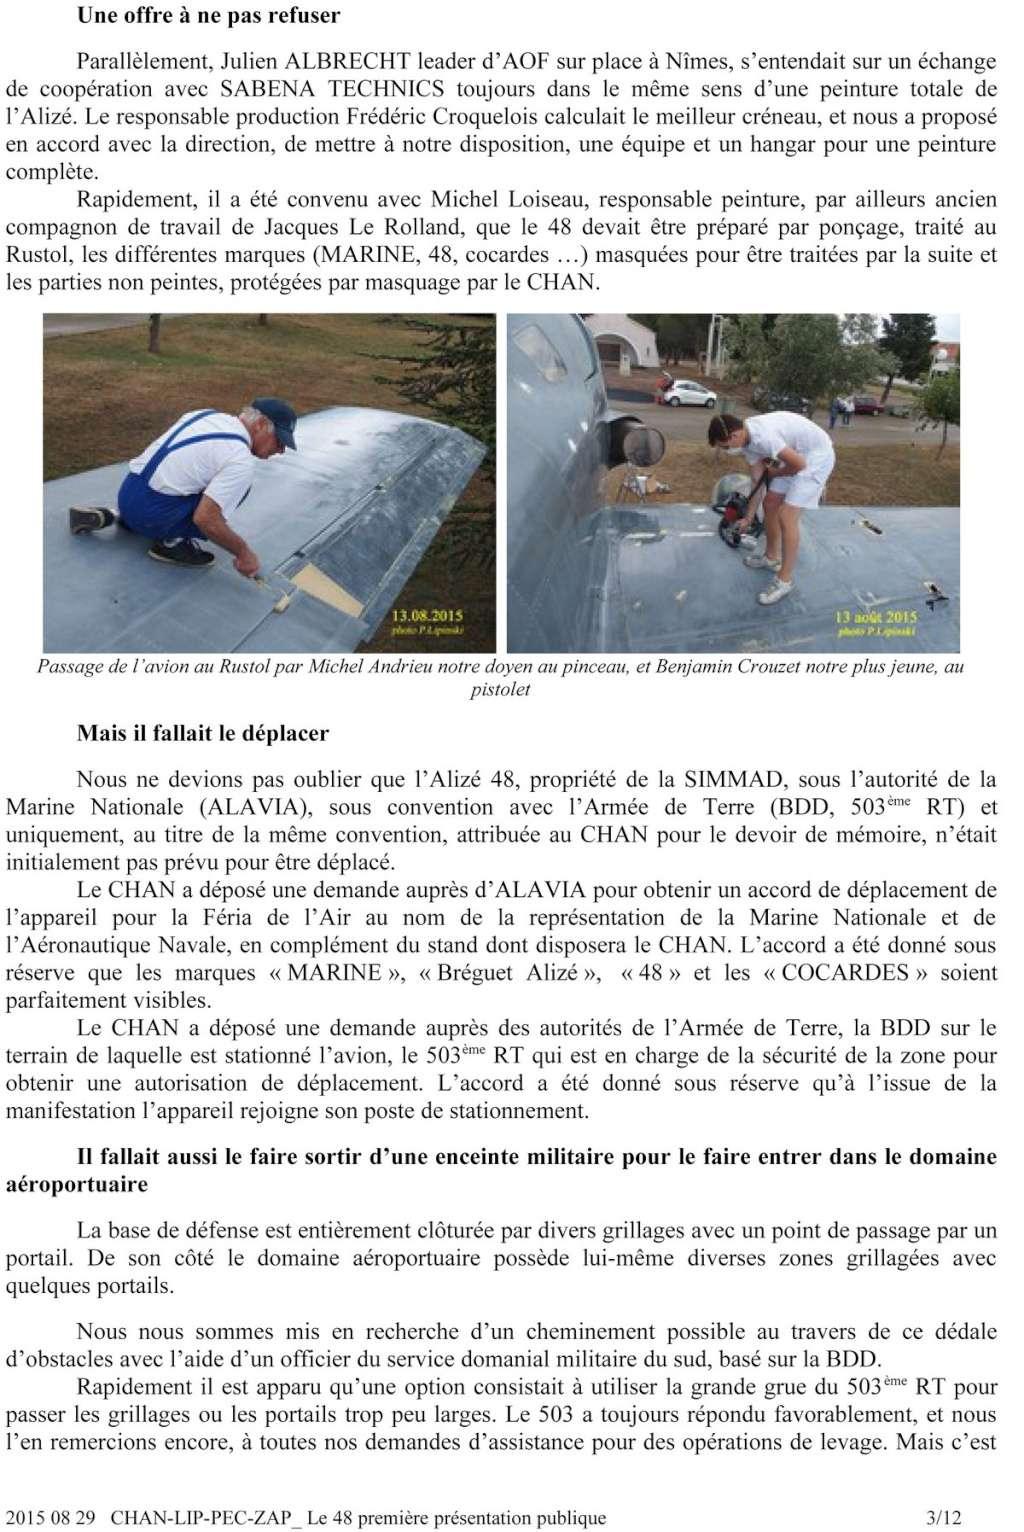 [Associations anciens marins] C.H.A.N.-Nîmes (Conservatoire Historique de l'Aéronavale-Nîmes) - Page 3 2015_012